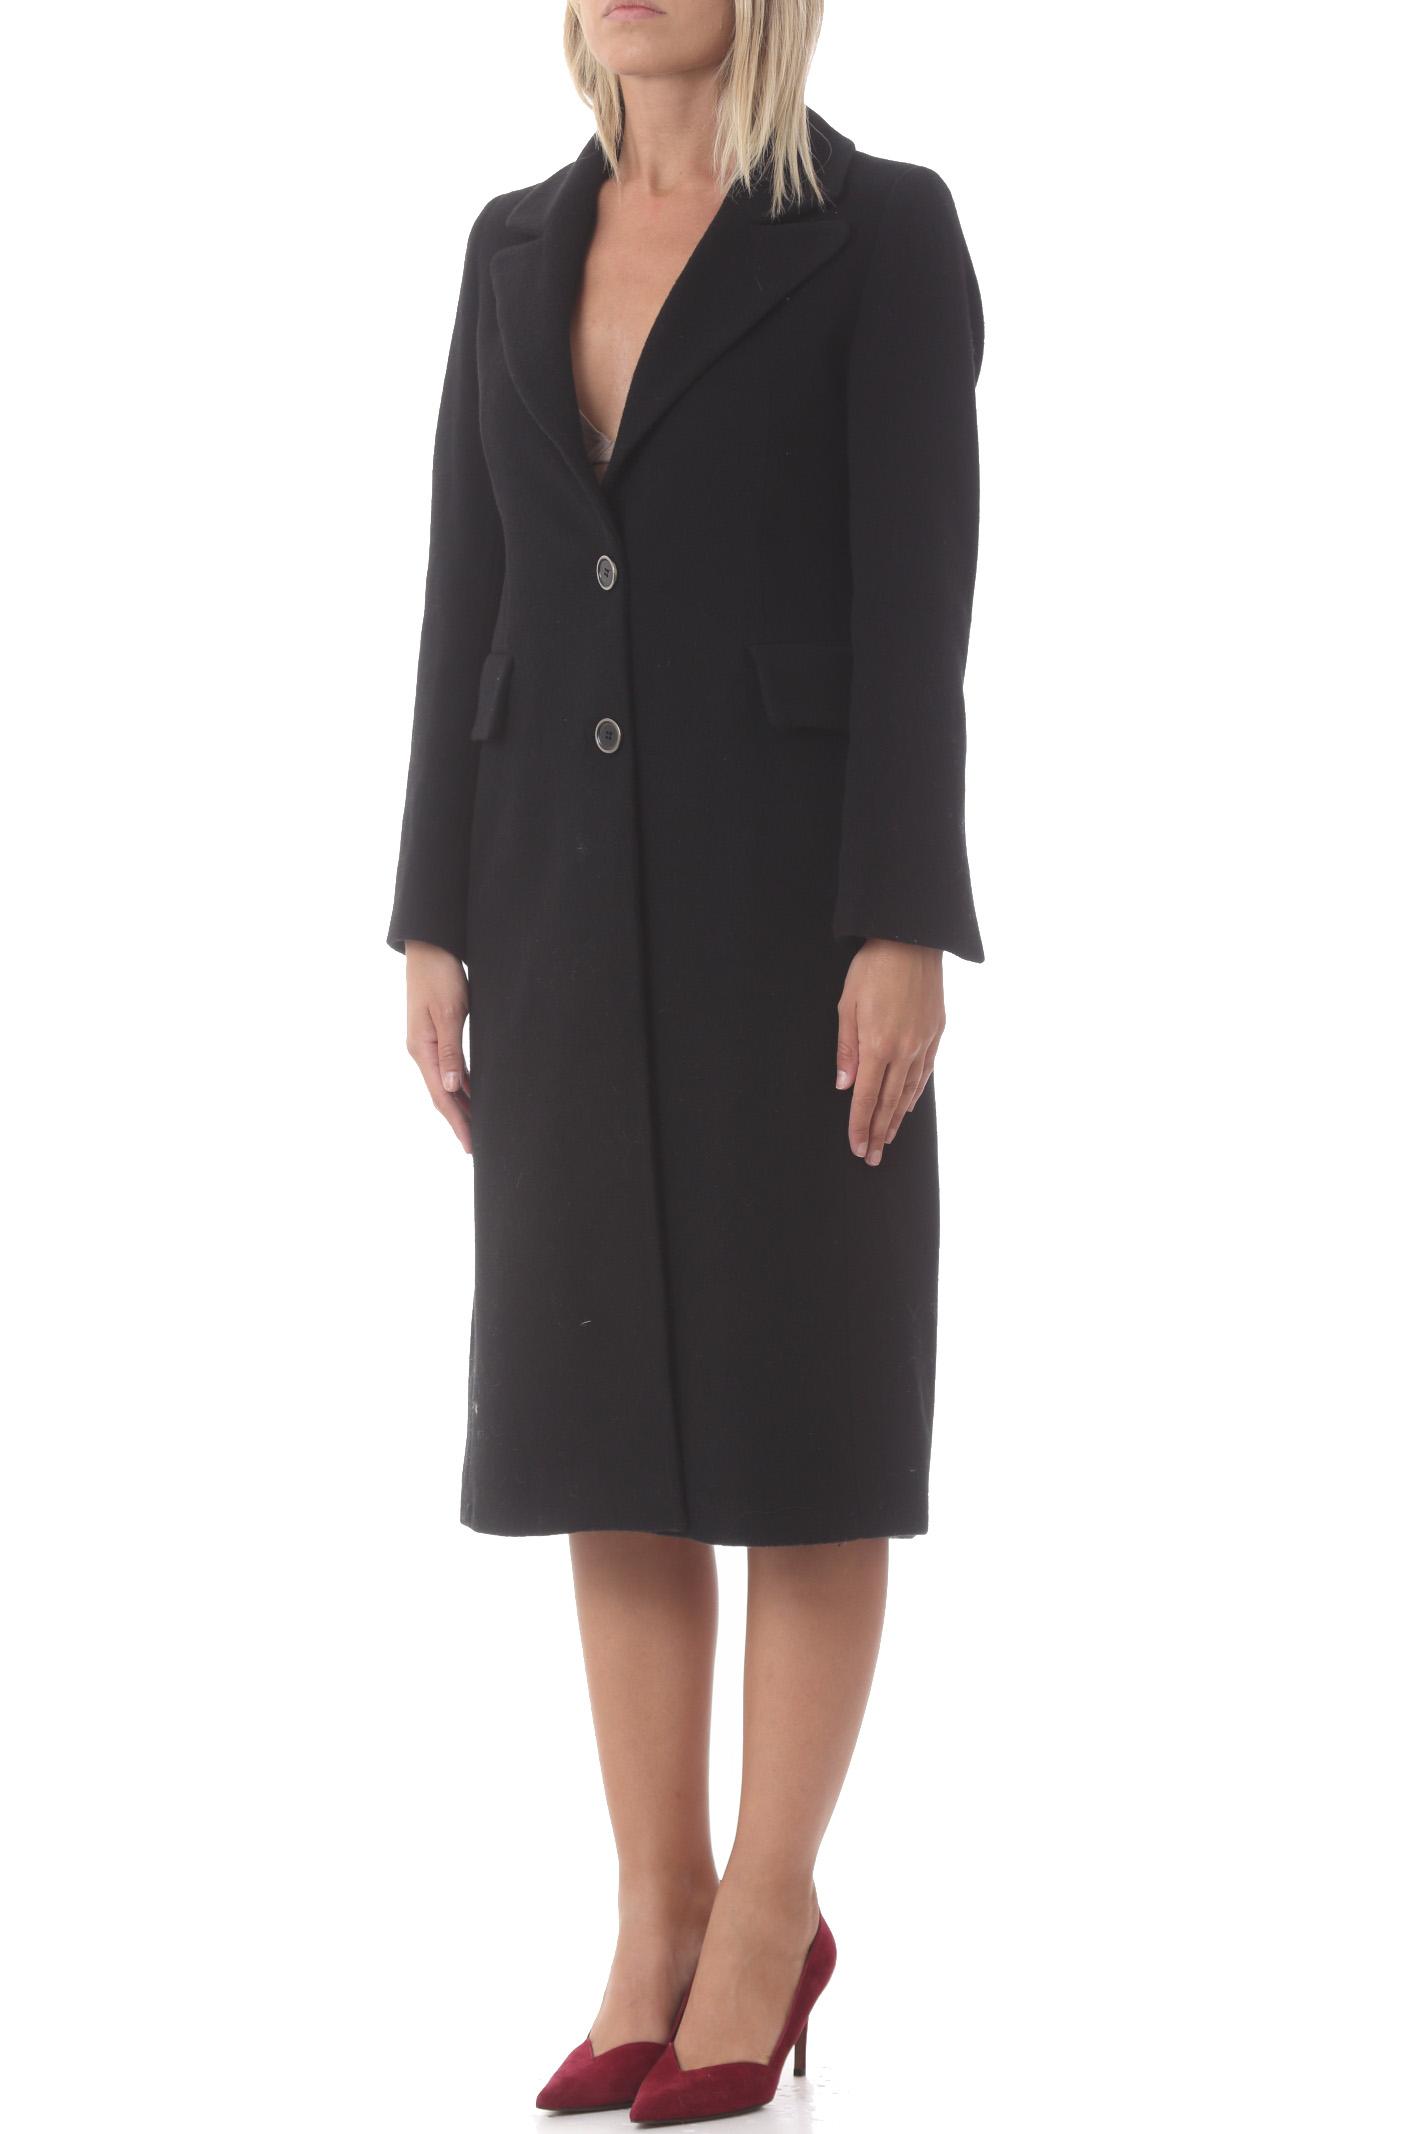 Mercury coat ATTIC AND BARN | Cappotti | A21-ATCO004-AT020990